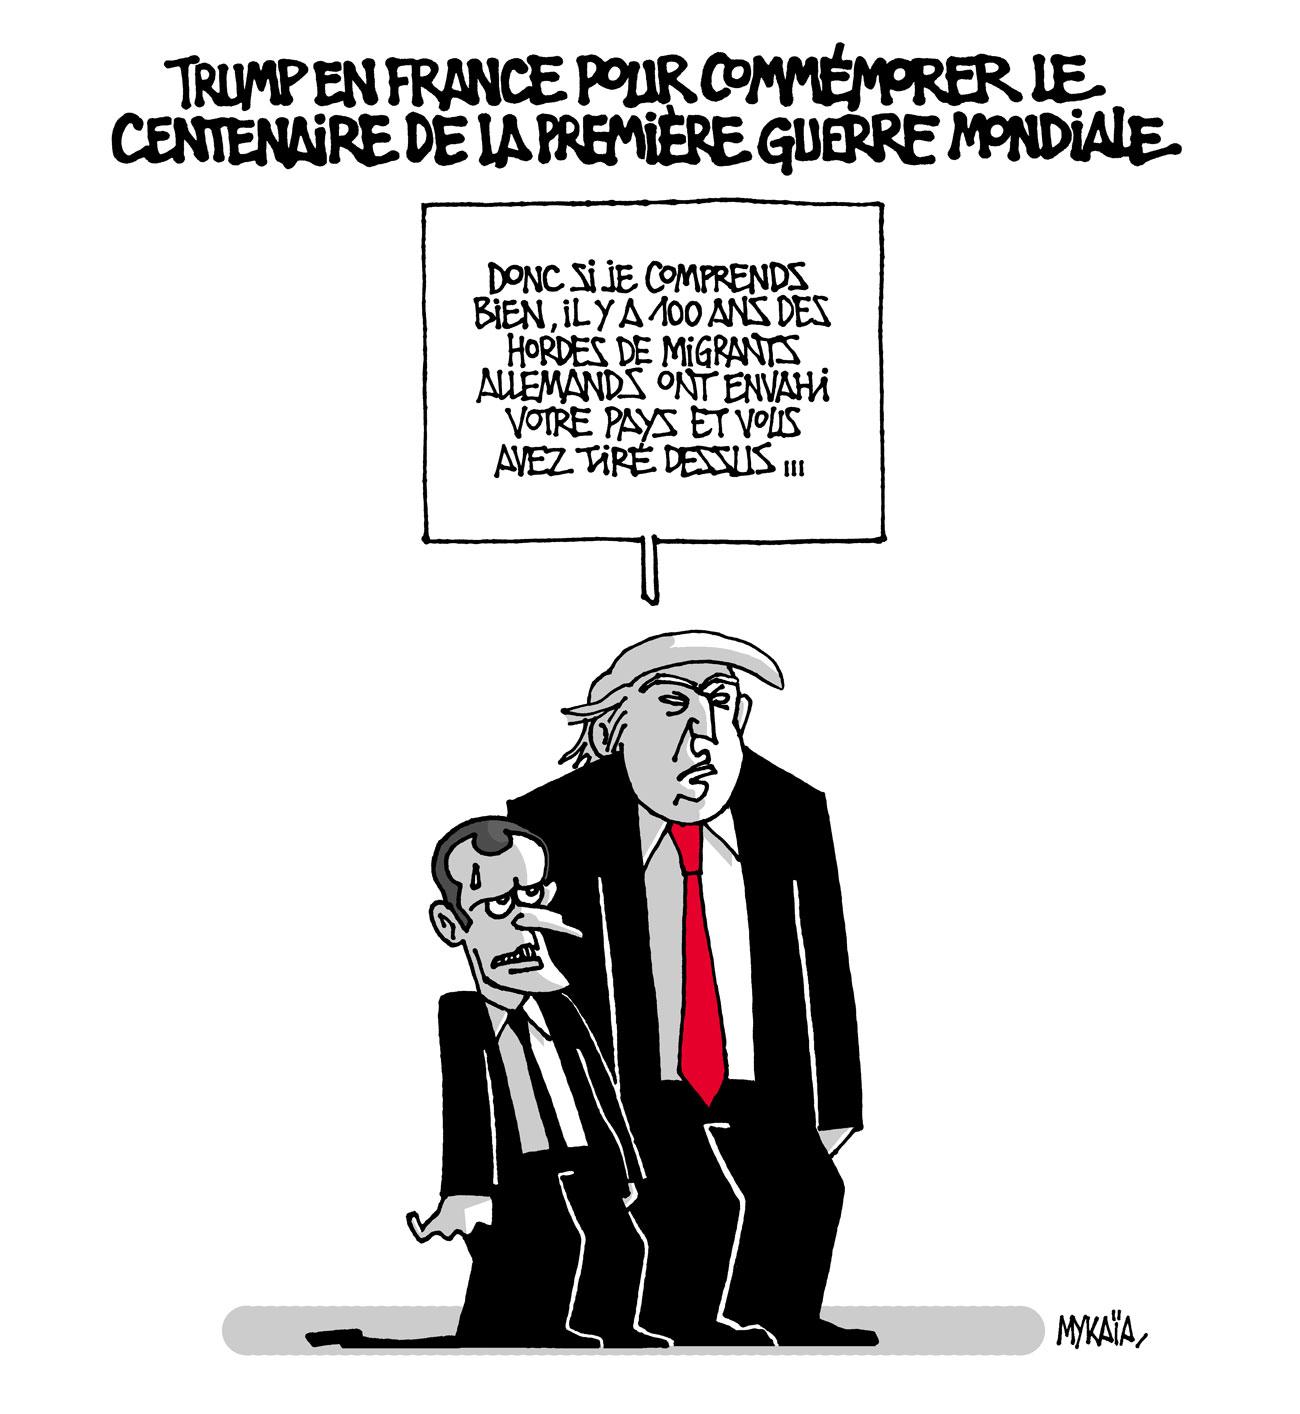 Donald Trump en France pour commémorer le centenaire de la première guerre mondiale